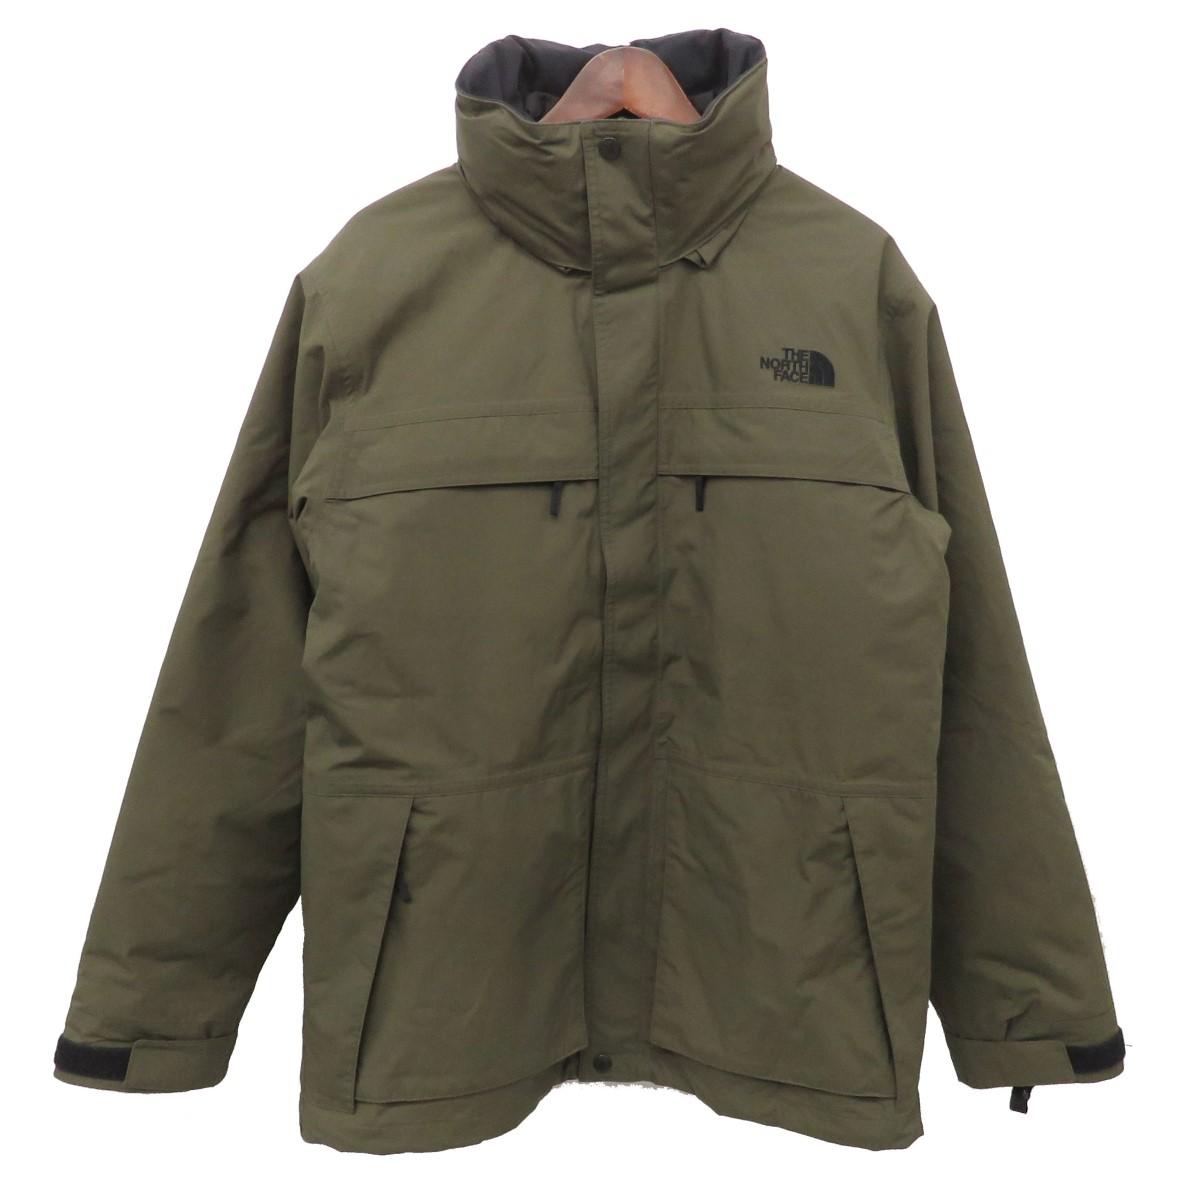 【中古】THE NORTH FACE Makalu Triclimate Jacket マカルトリクライメイトジャケット NP61937 オリーブ サイズ:XL 【260420】(ザノースフェイス)